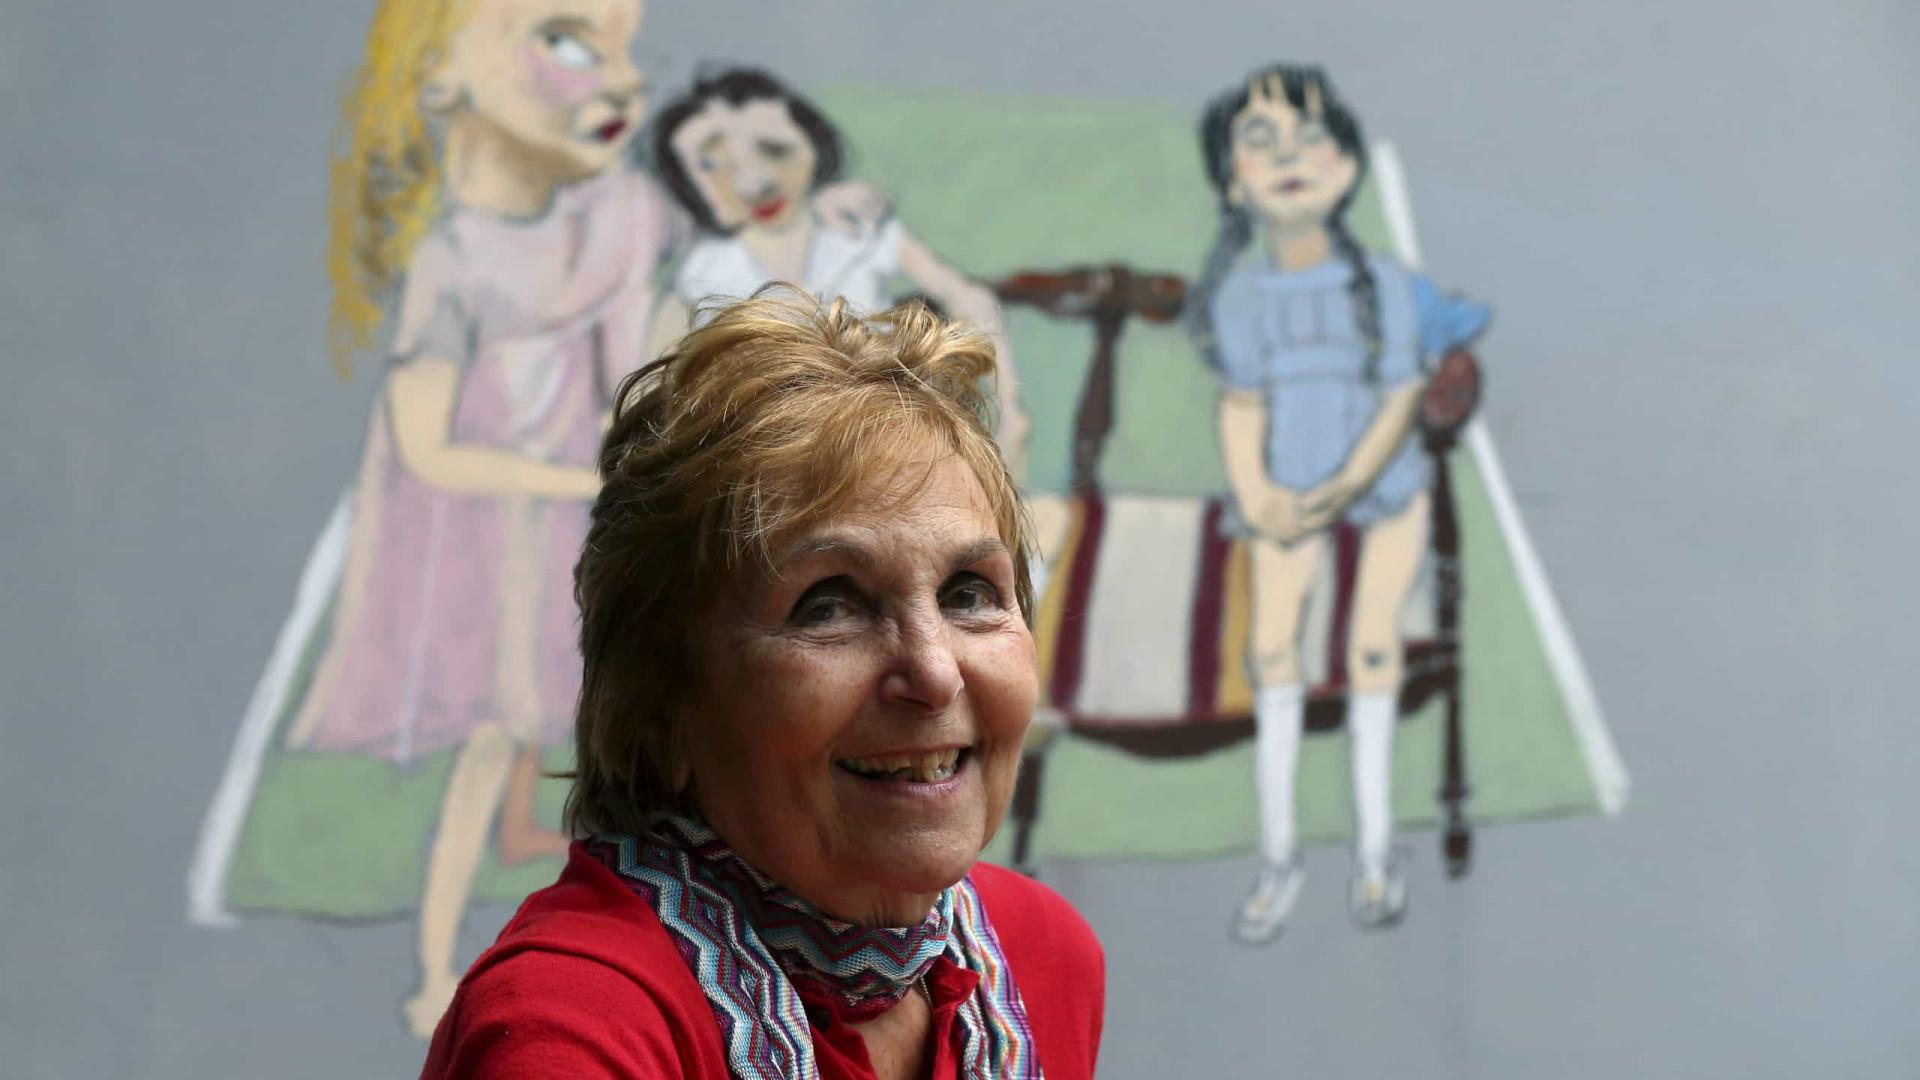 Exposição inédita em galeria britânica mostra esboços de Paula Rego